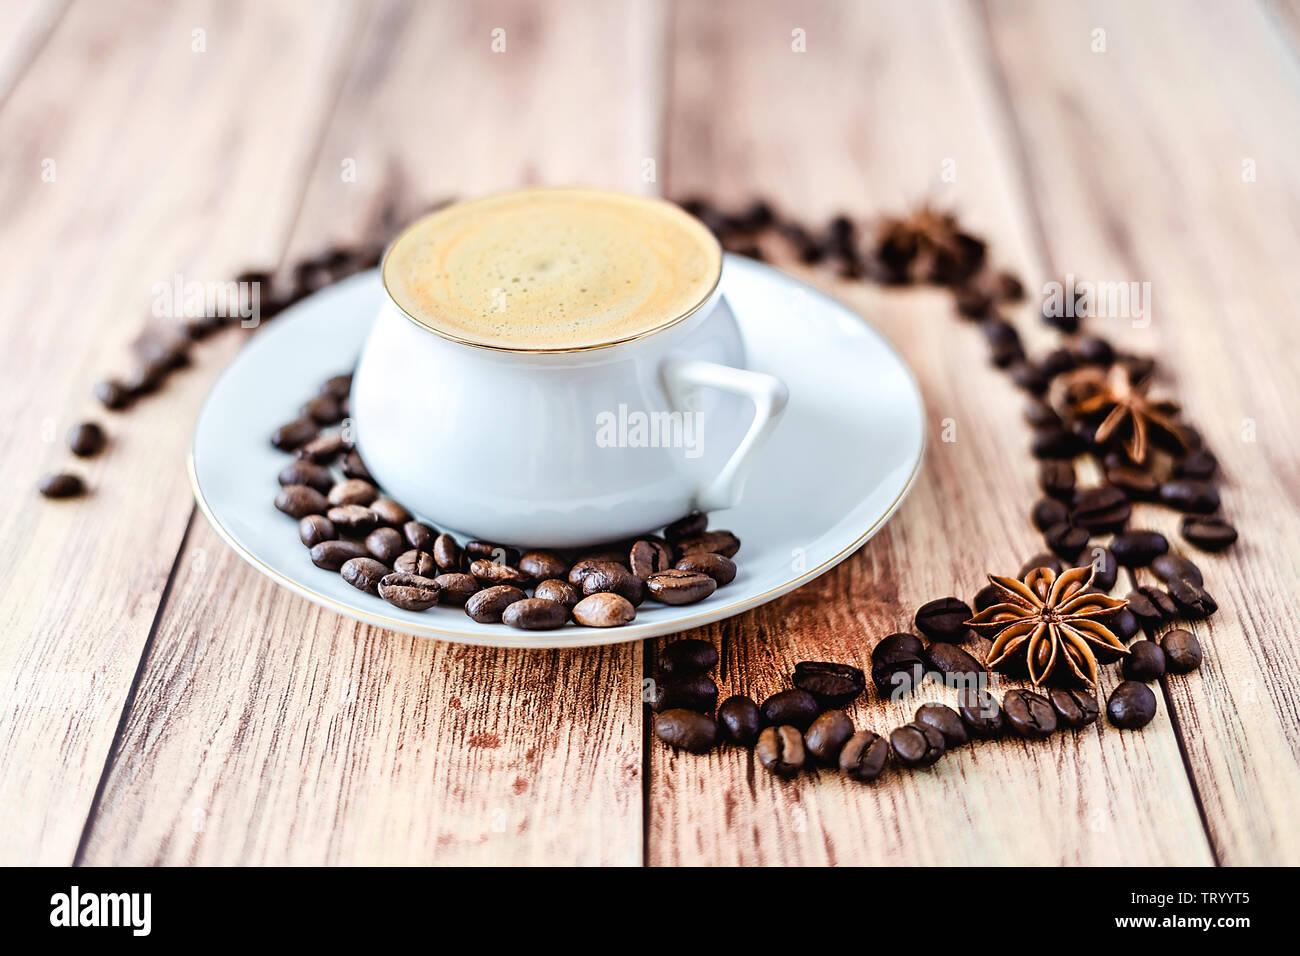 Vista cercana de una taza de café caliente sobre la mesa rústica de madera con granos de café derramado y anís. Espacio para el texto . Foto de stock